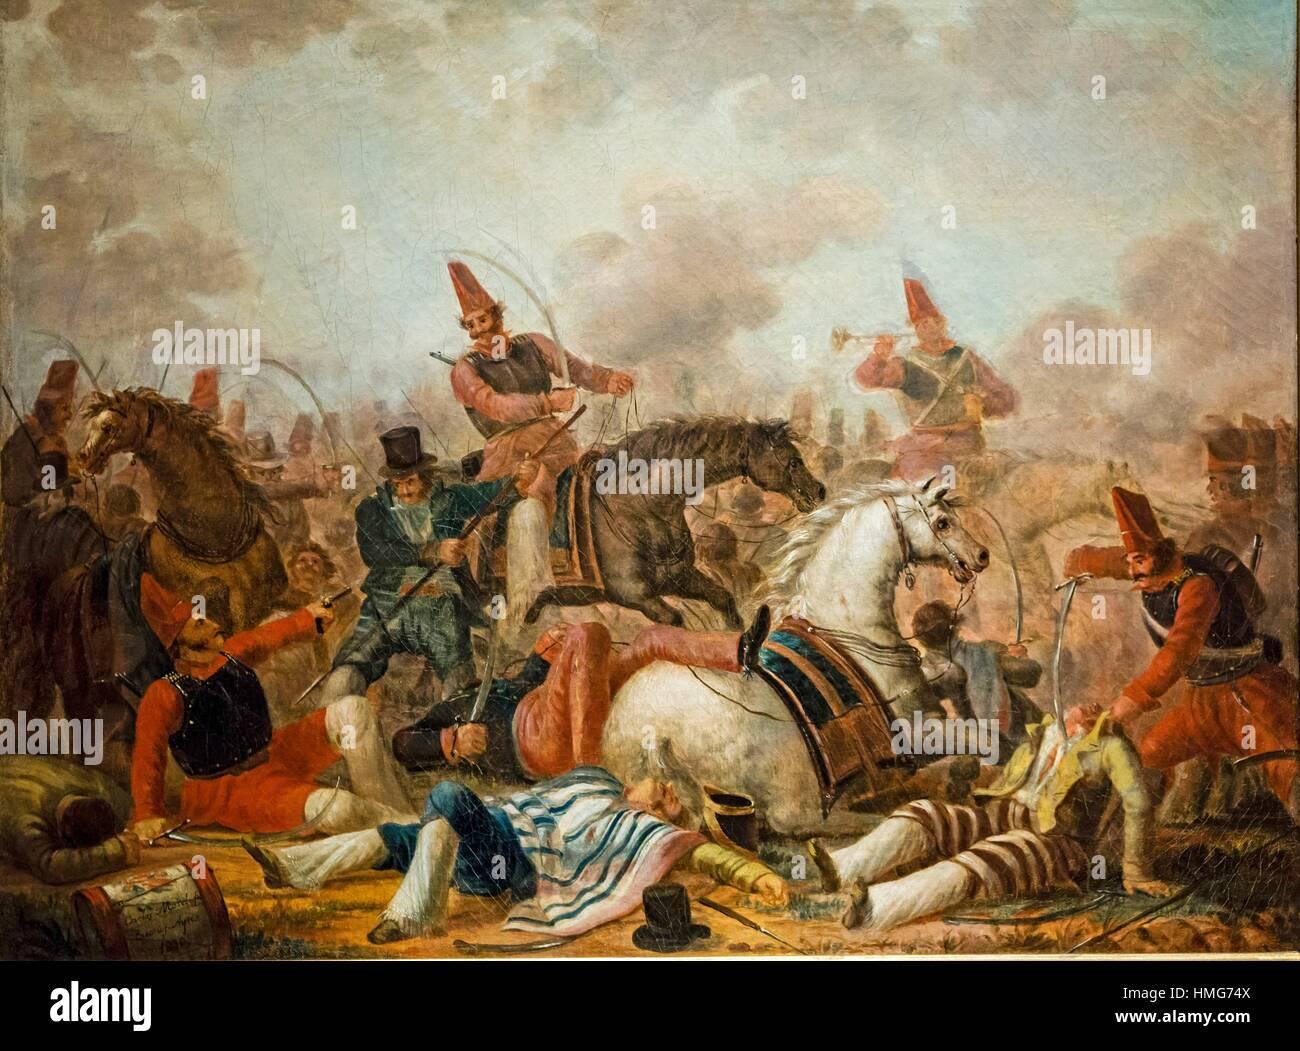 Carlos Morel, Combate de caballeria en la época de Rosas (Cavalry fight in the age of Rosas), 1839, oil on - Stock Image